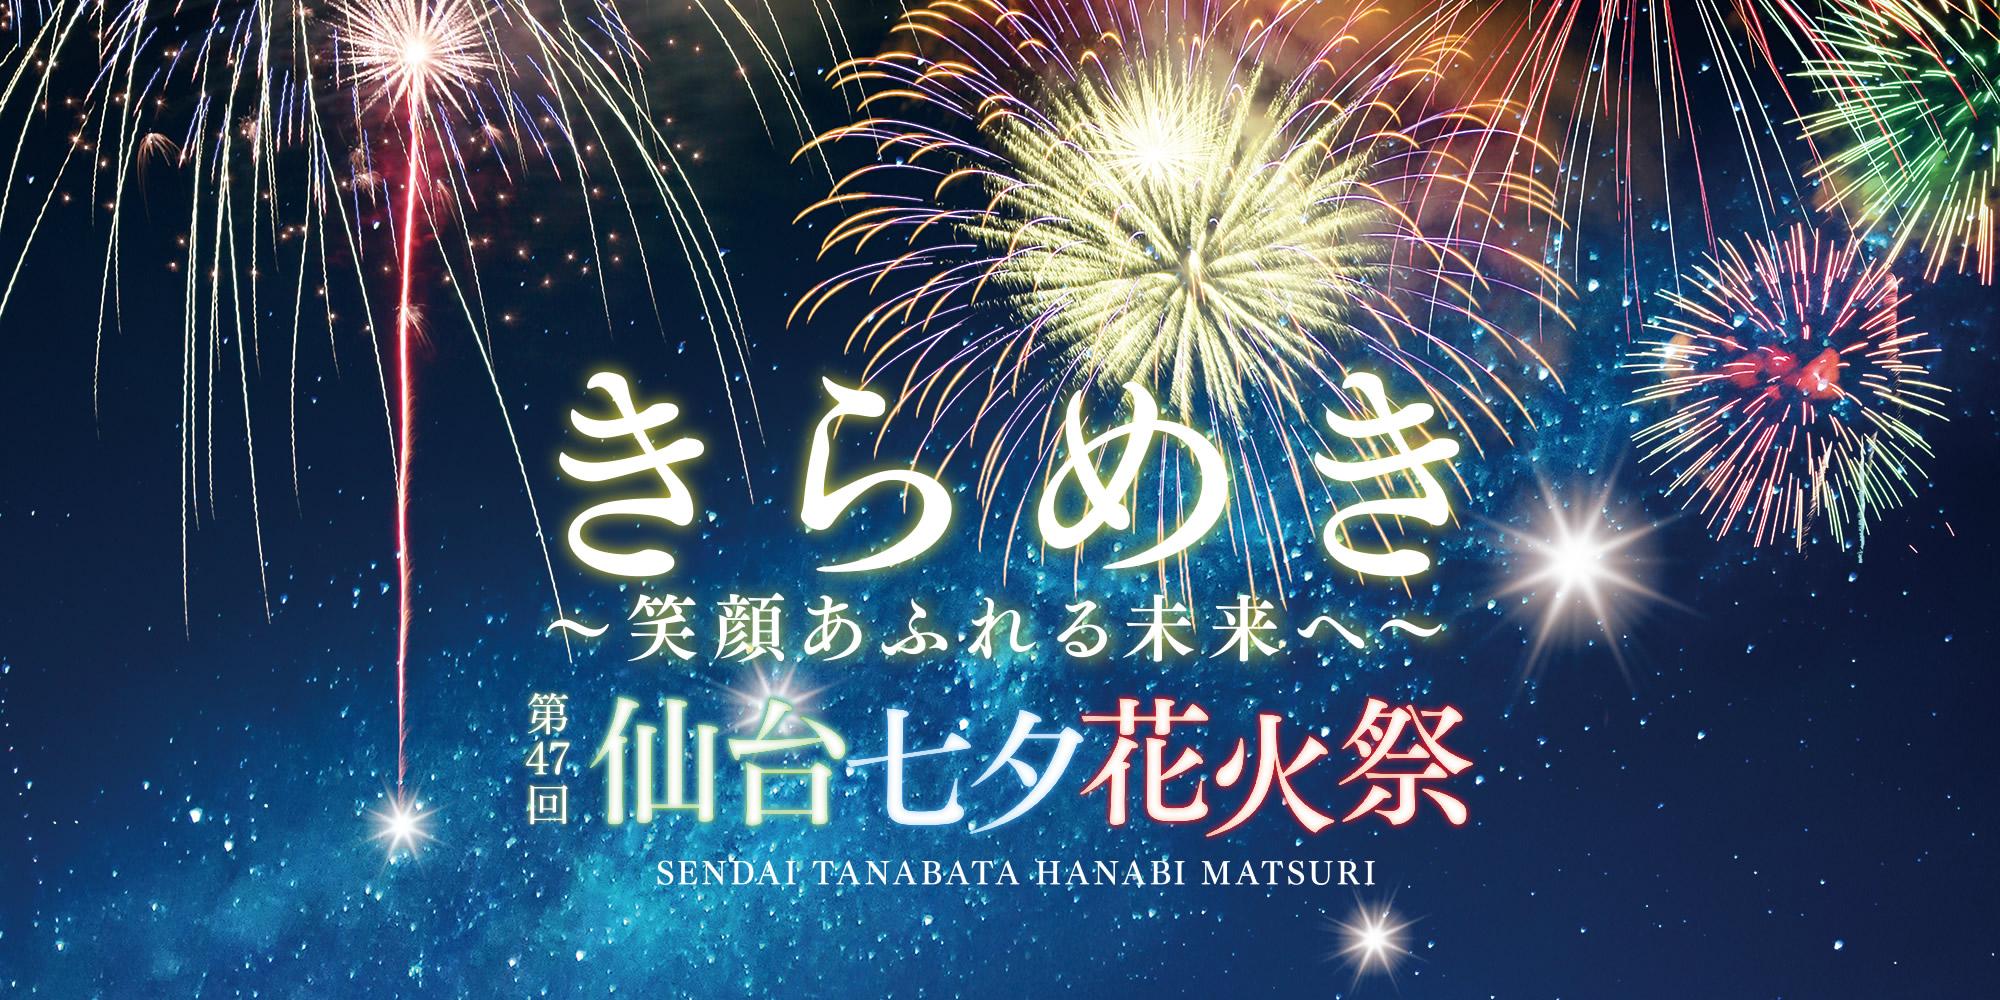 第47回仙台七夕花火祭